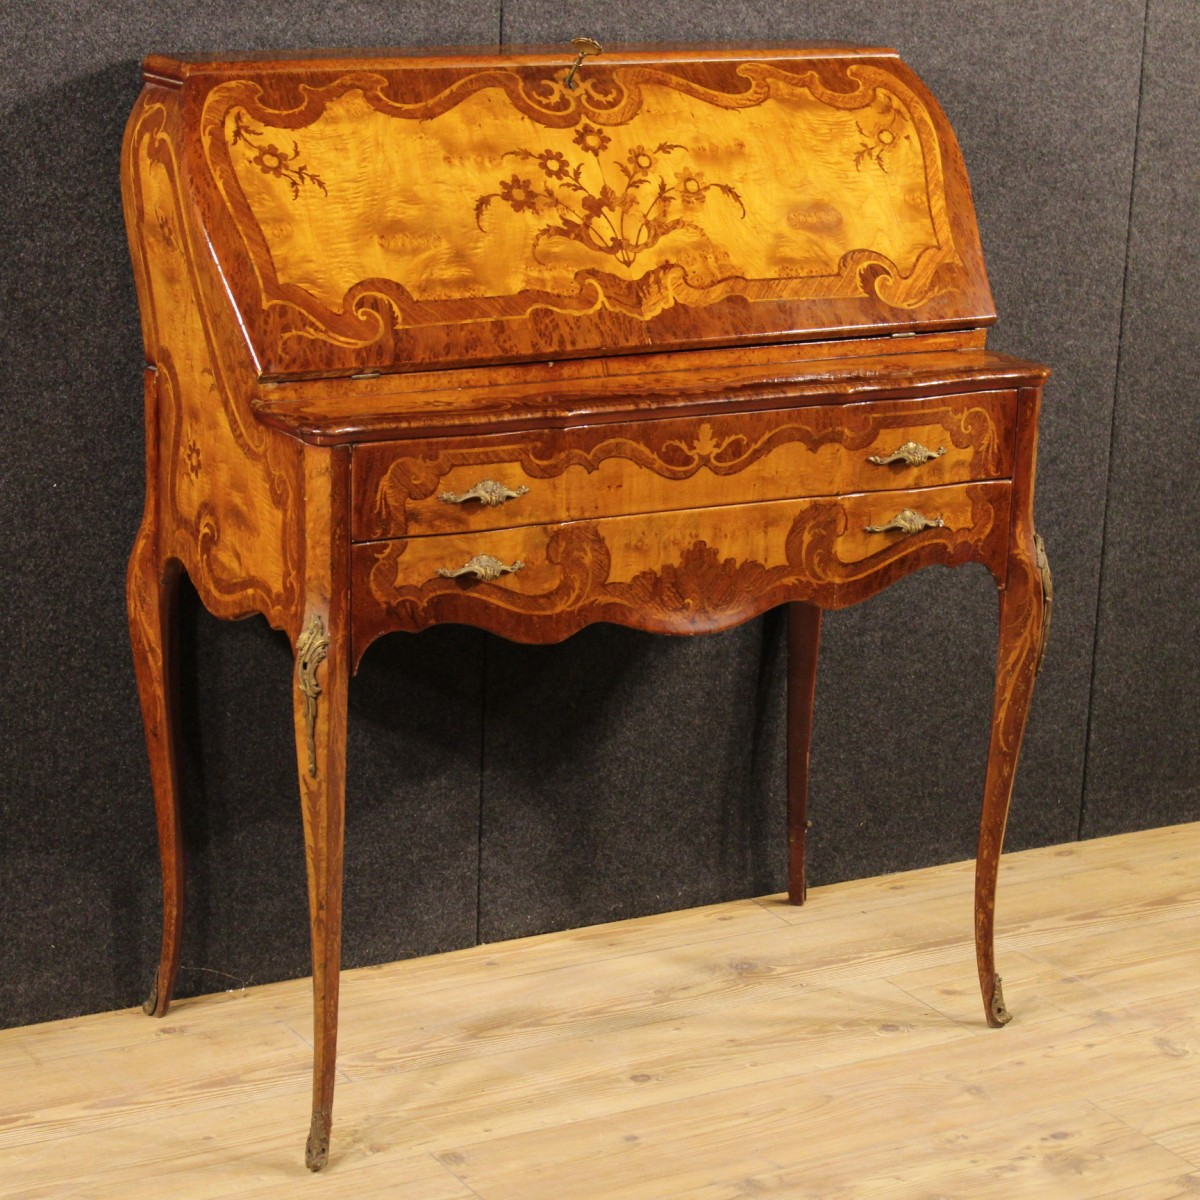 I mobili intarsiati una tradizione antica - Stili di mobili ...